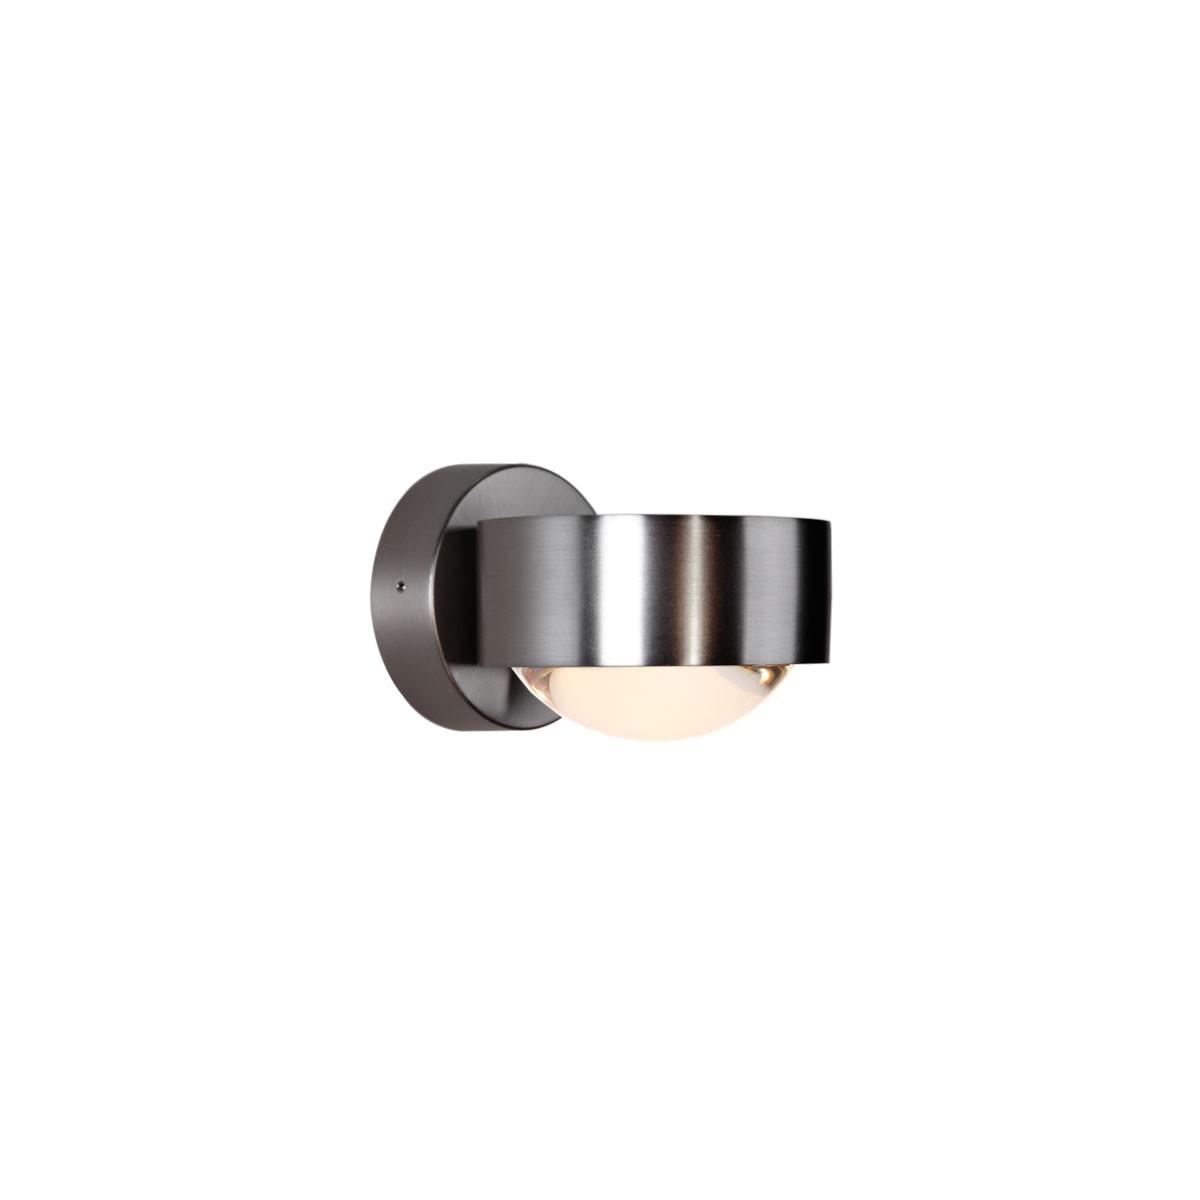 Top Light Puk Wall LED Wandleuchte, Nickel matt